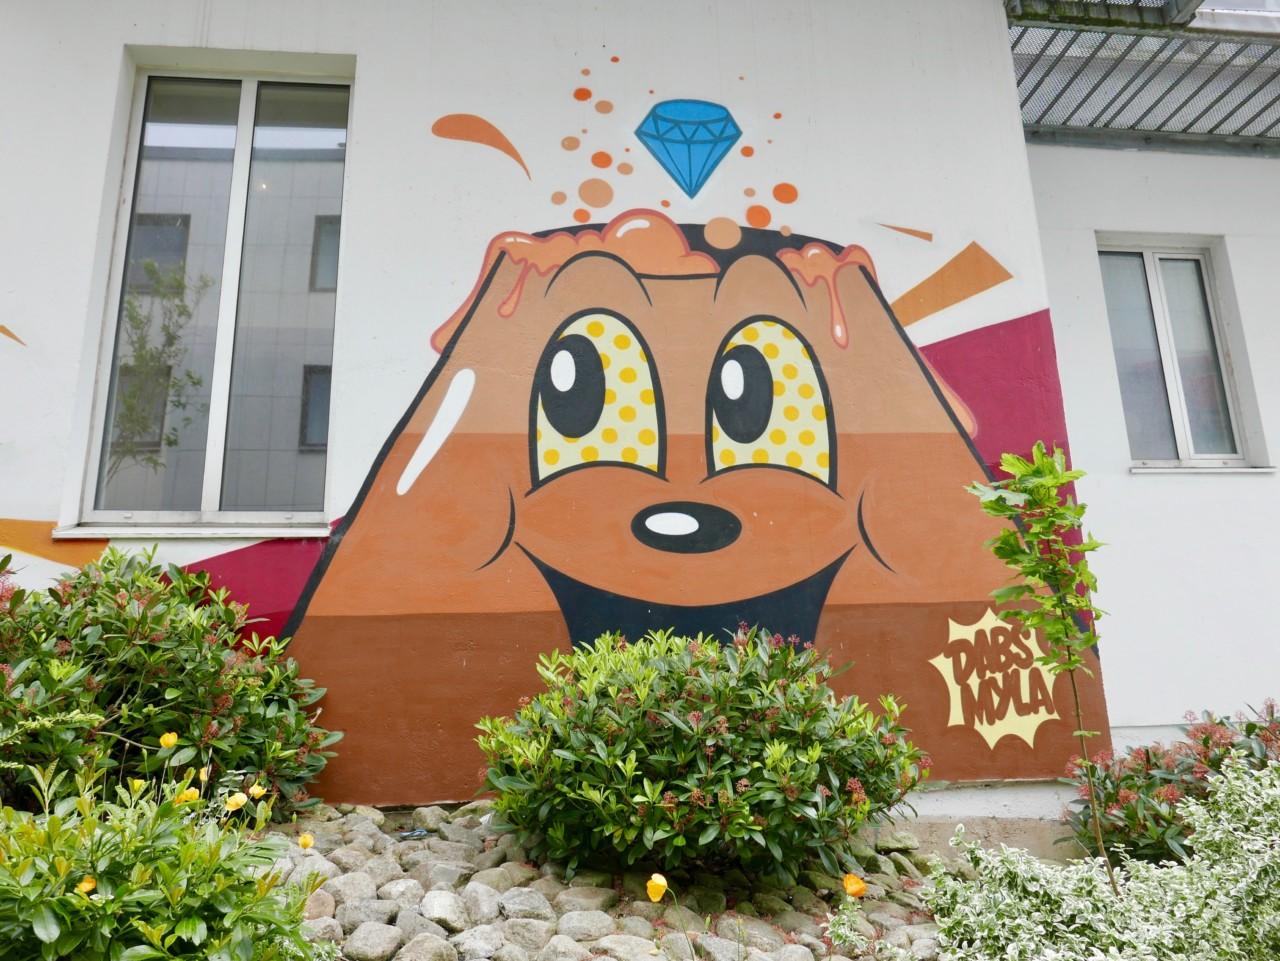 gatekunst-street-art-stavanger-dabs-myla